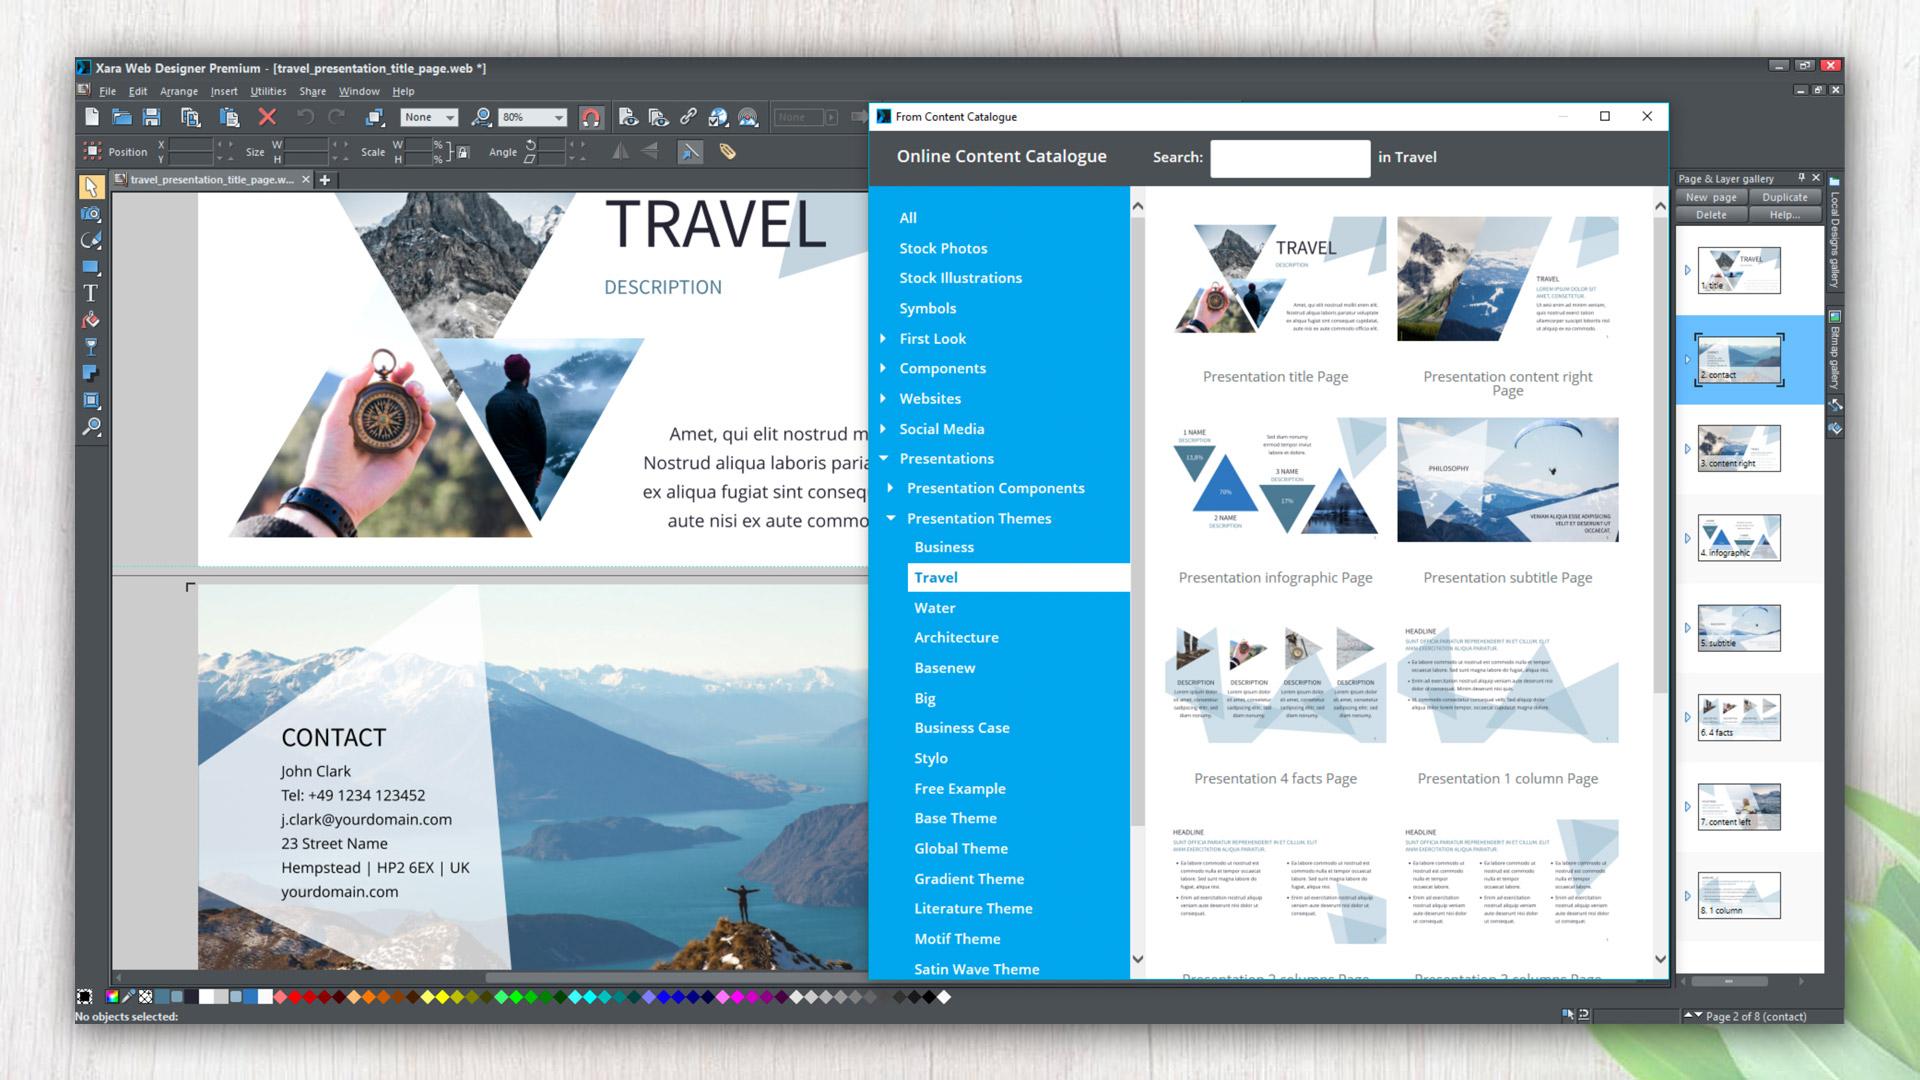 Web Designer 15 Premium Steam Edition On Steam